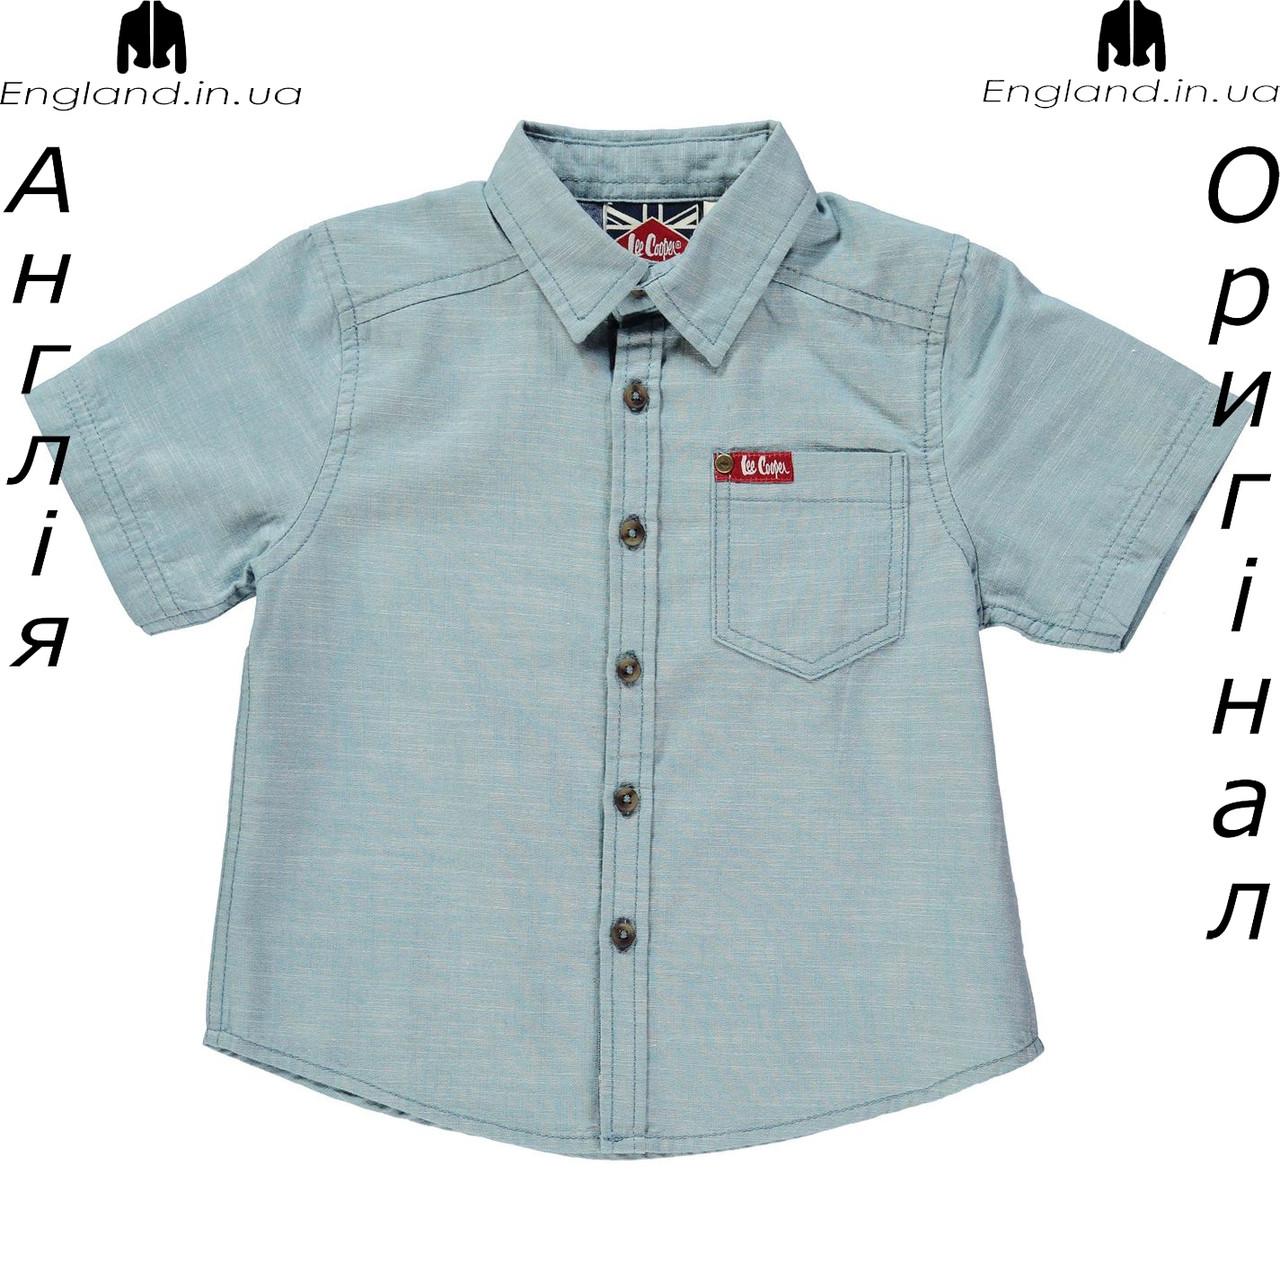 d872d78c81a Рубашка Lee Cooper из Англии для мальчиков 2-14 лет - джинсовая(деним)